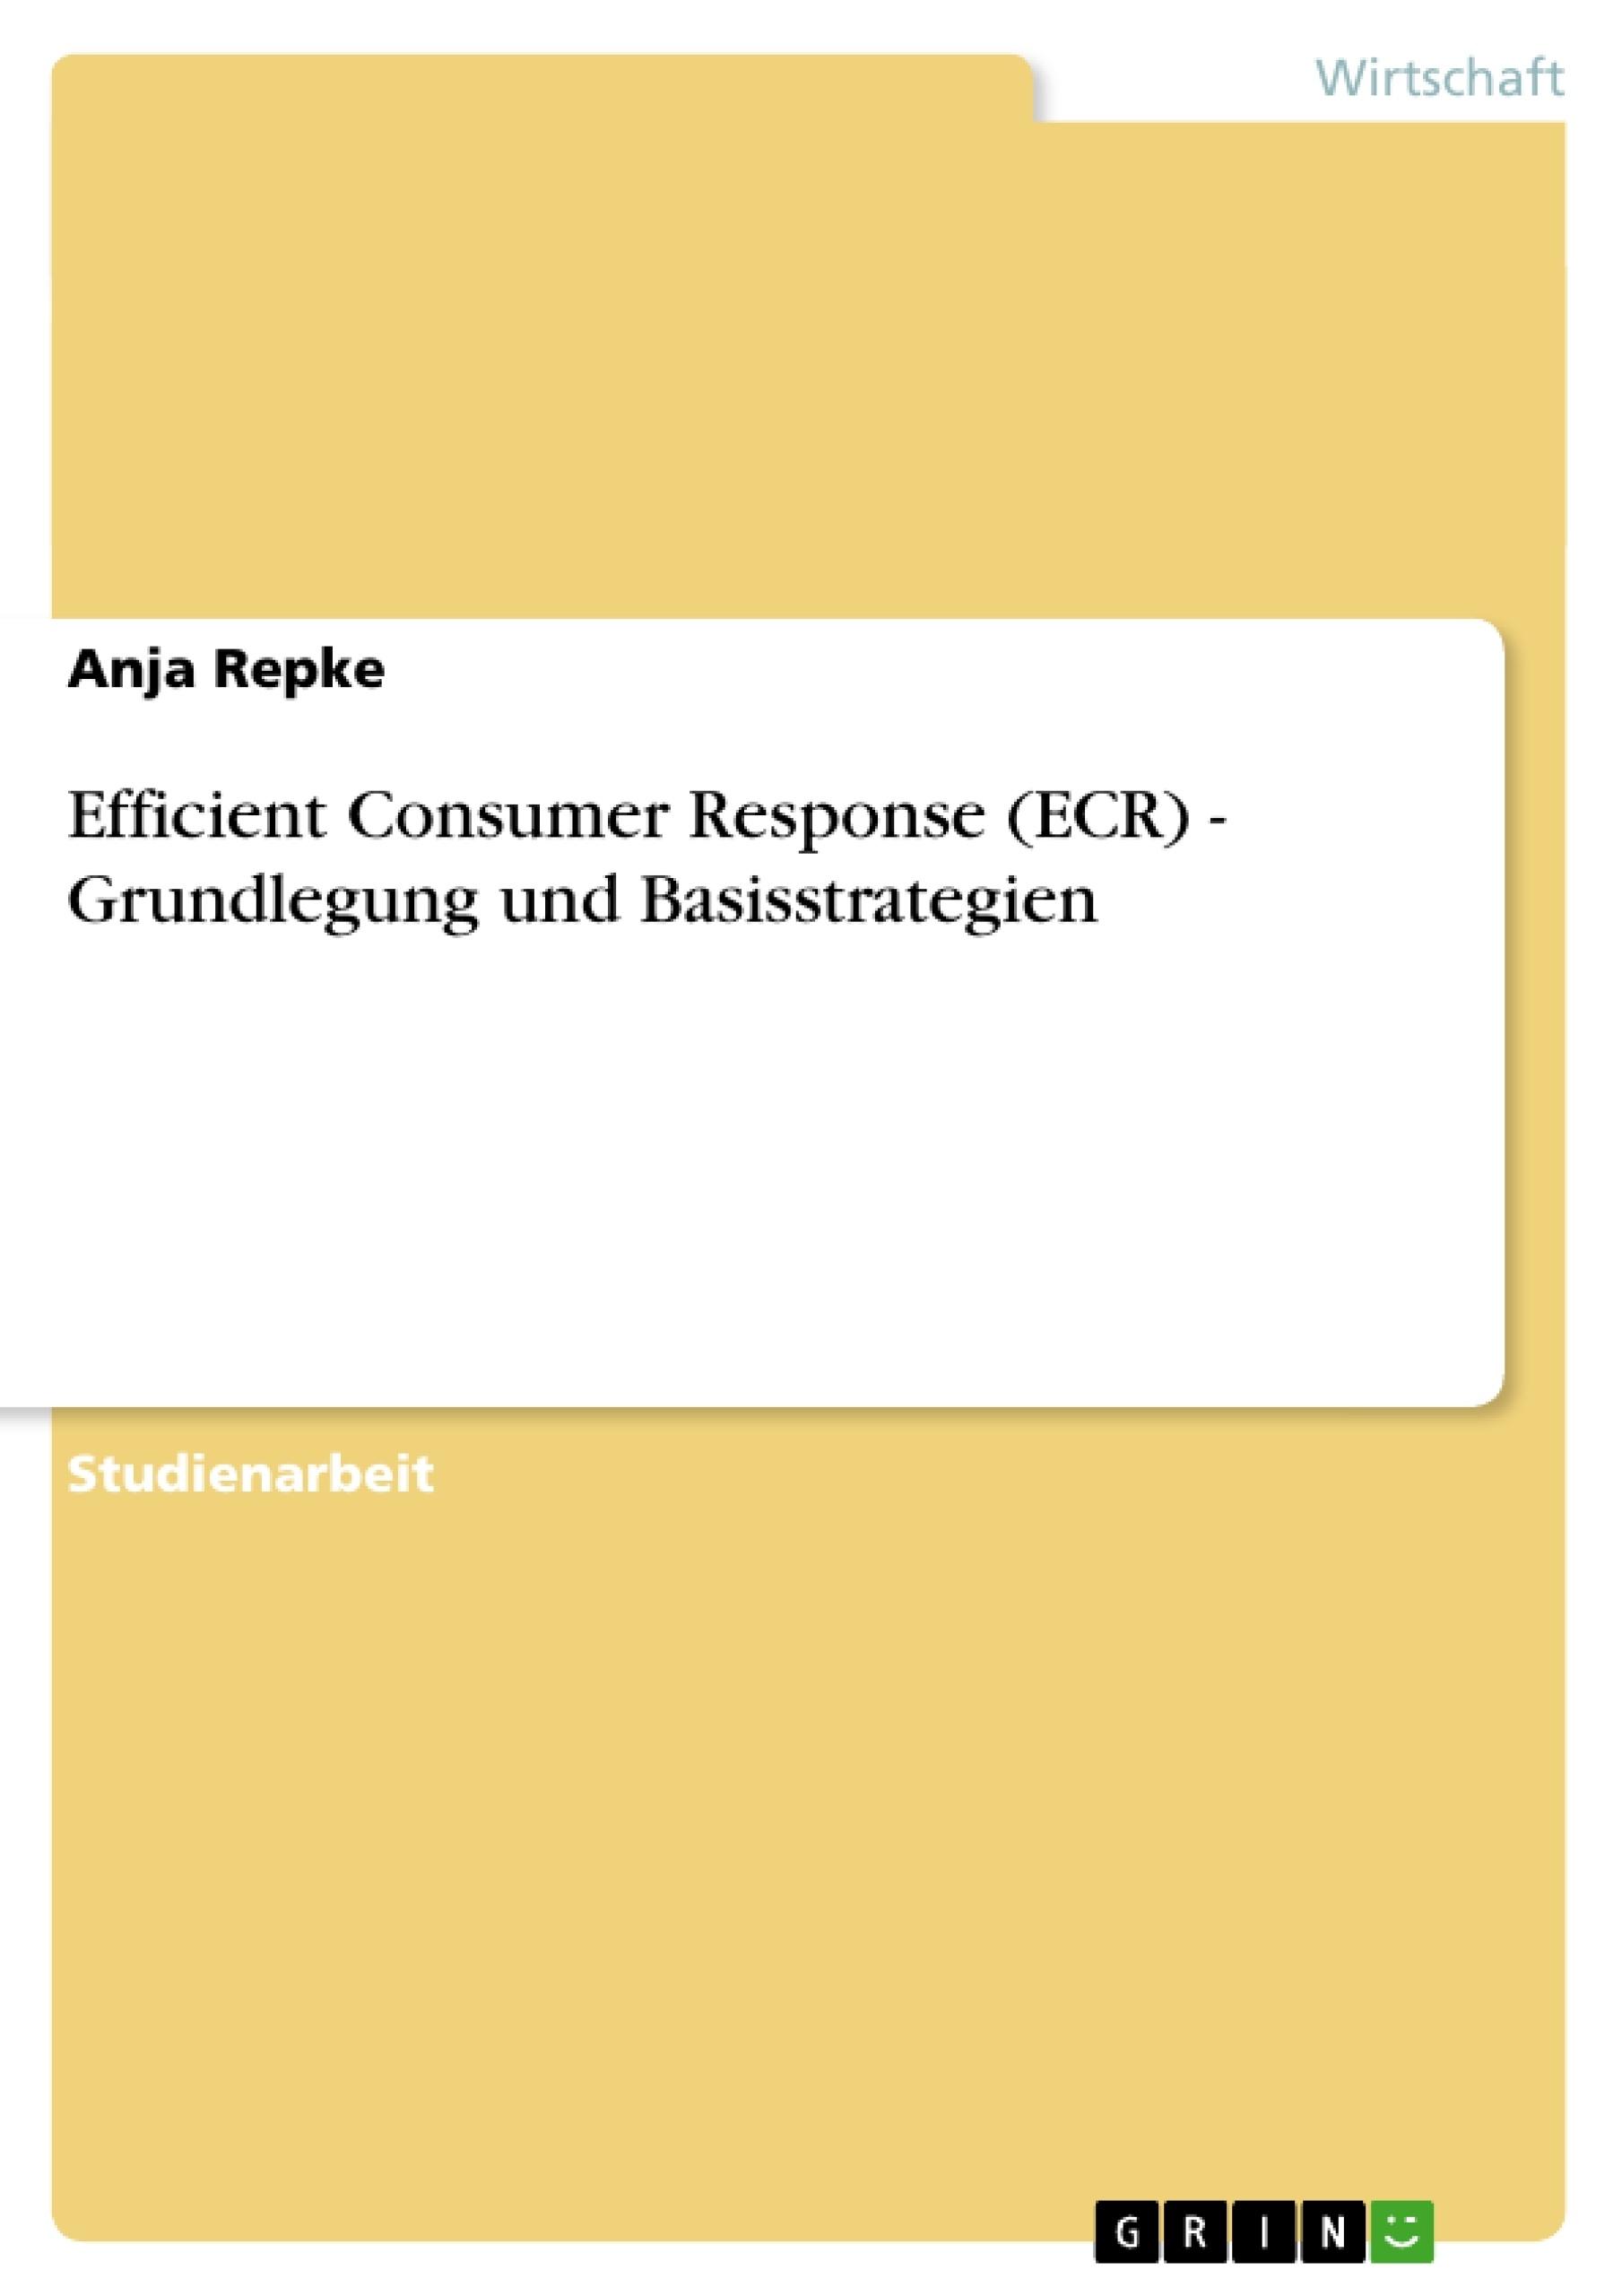 Titel: Efficient Consumer Response (ECR) - Grundlegung und Basisstrategien